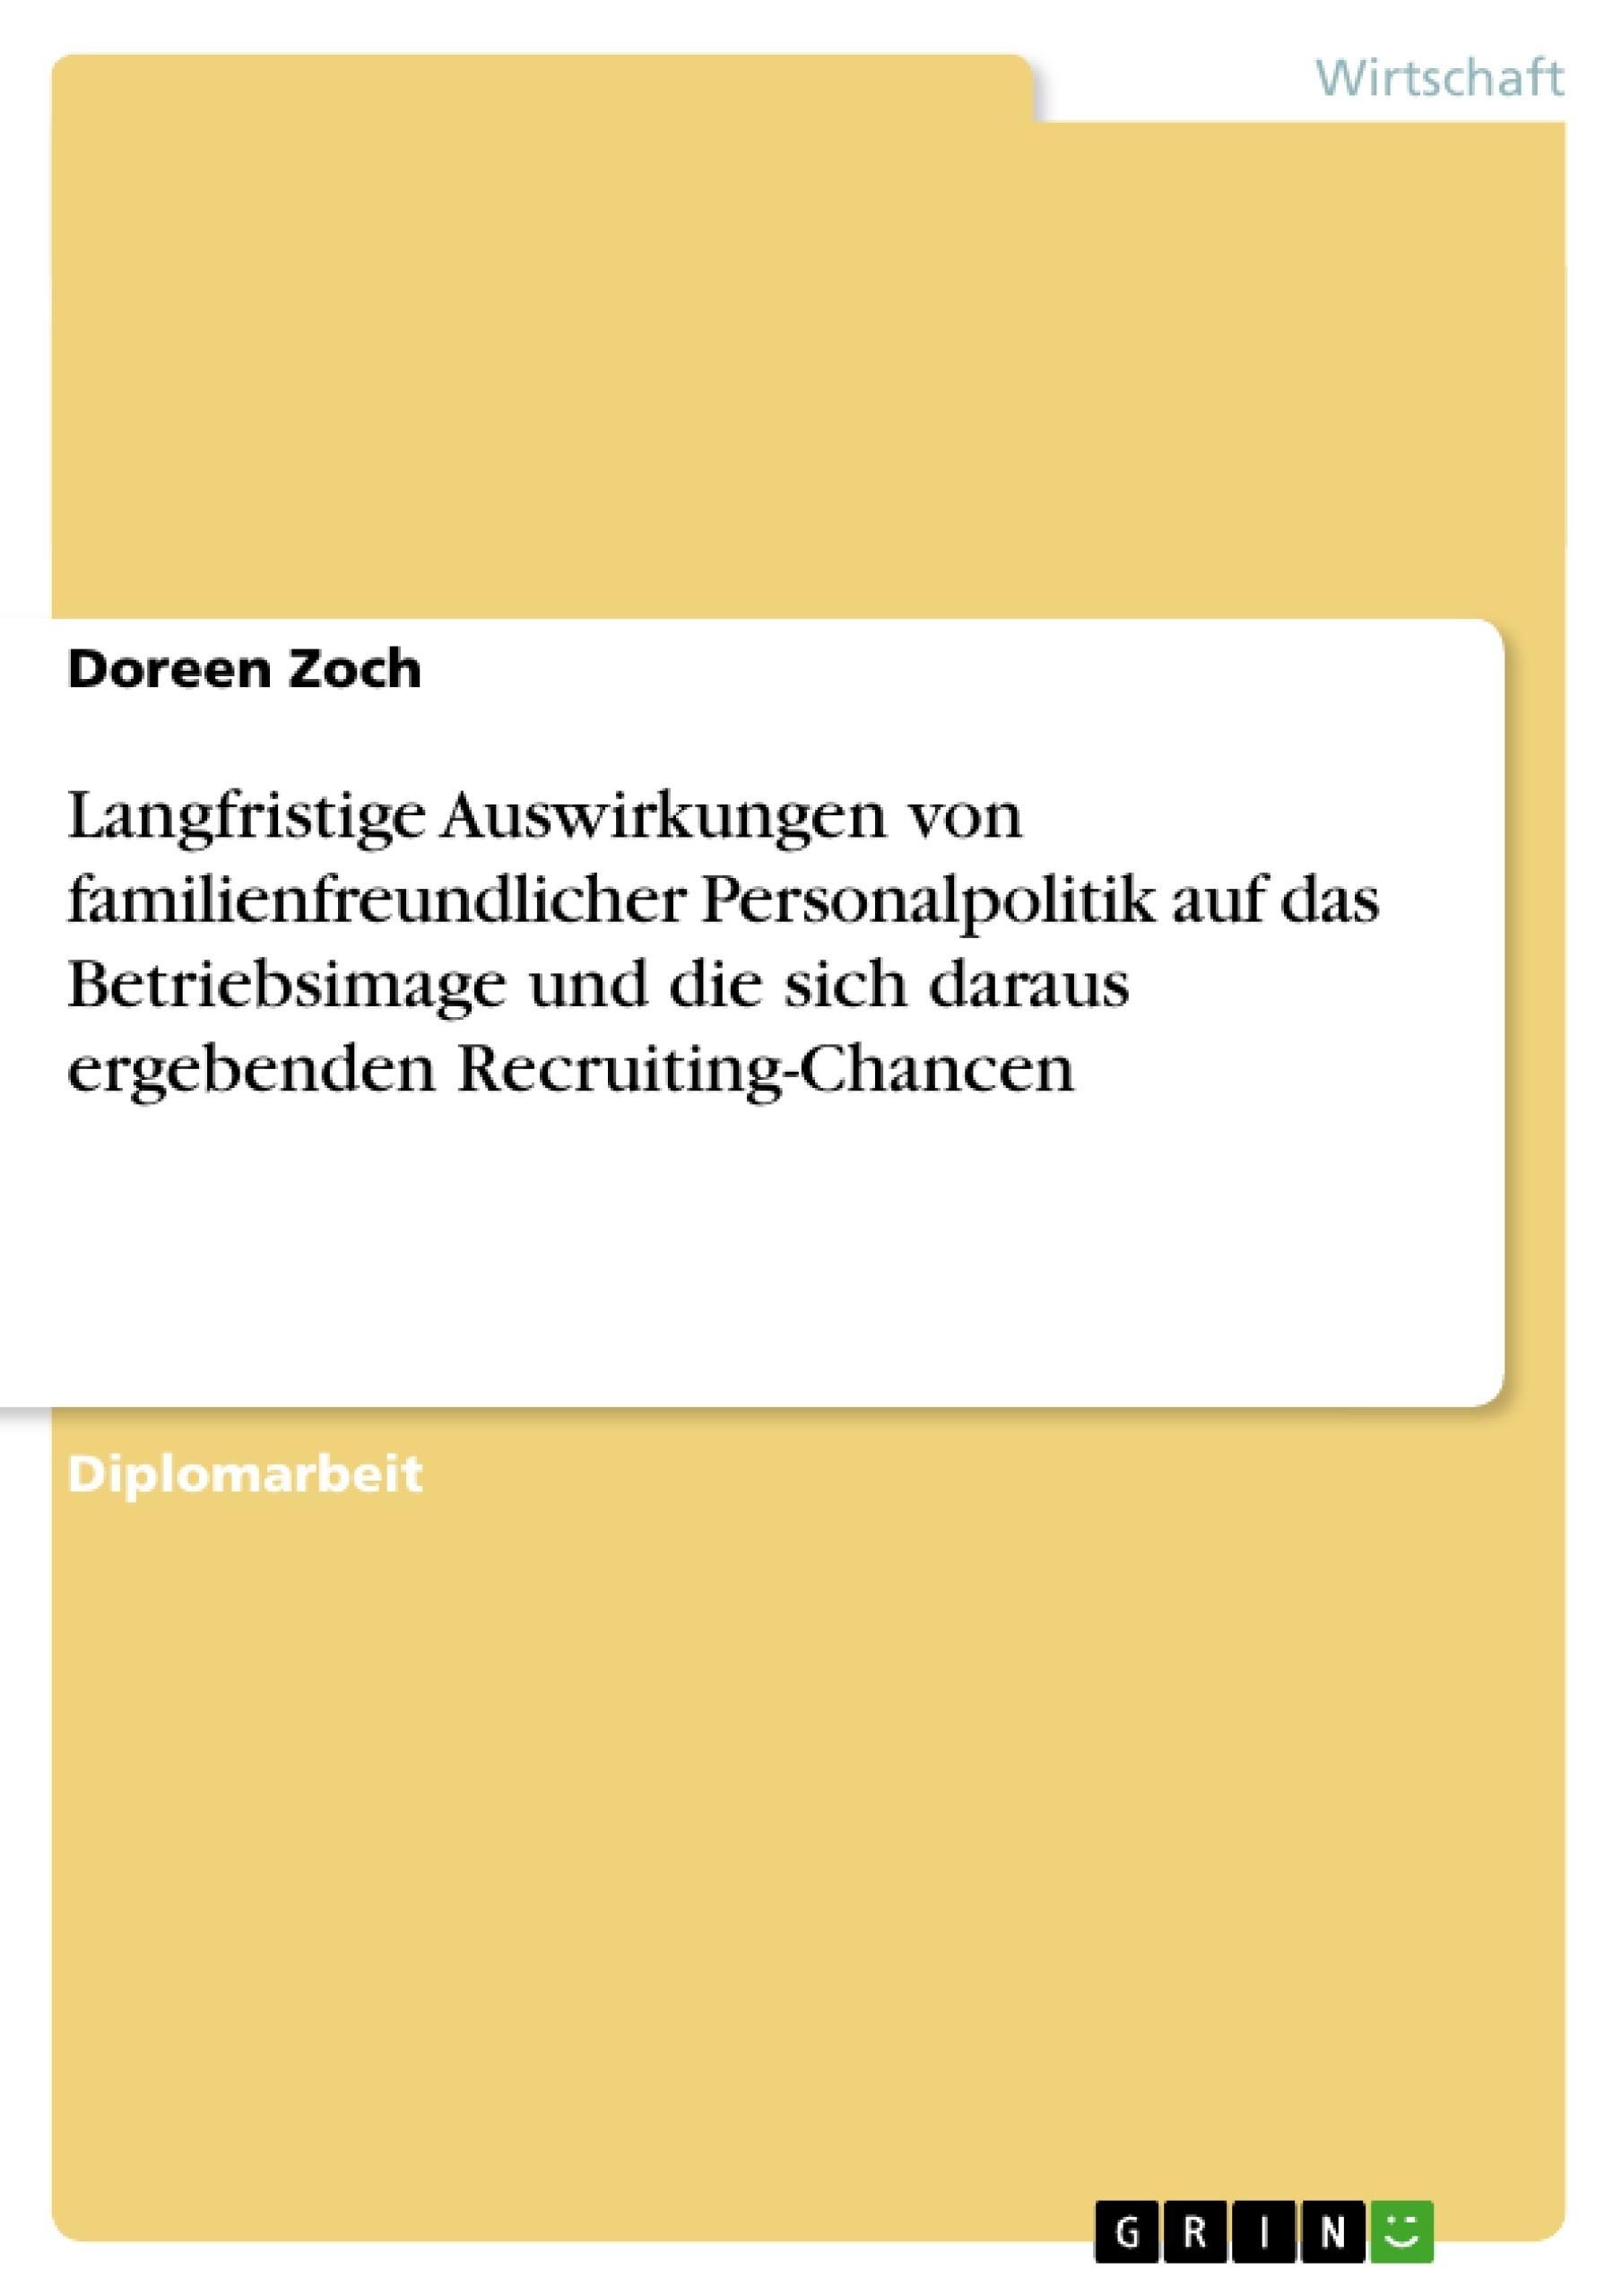 Titel: Langfristige Auswirkungen von familienfreundlicher Personalpolitik auf das Betriebsimage und die sich daraus ergebenden Recruiting-Chancen